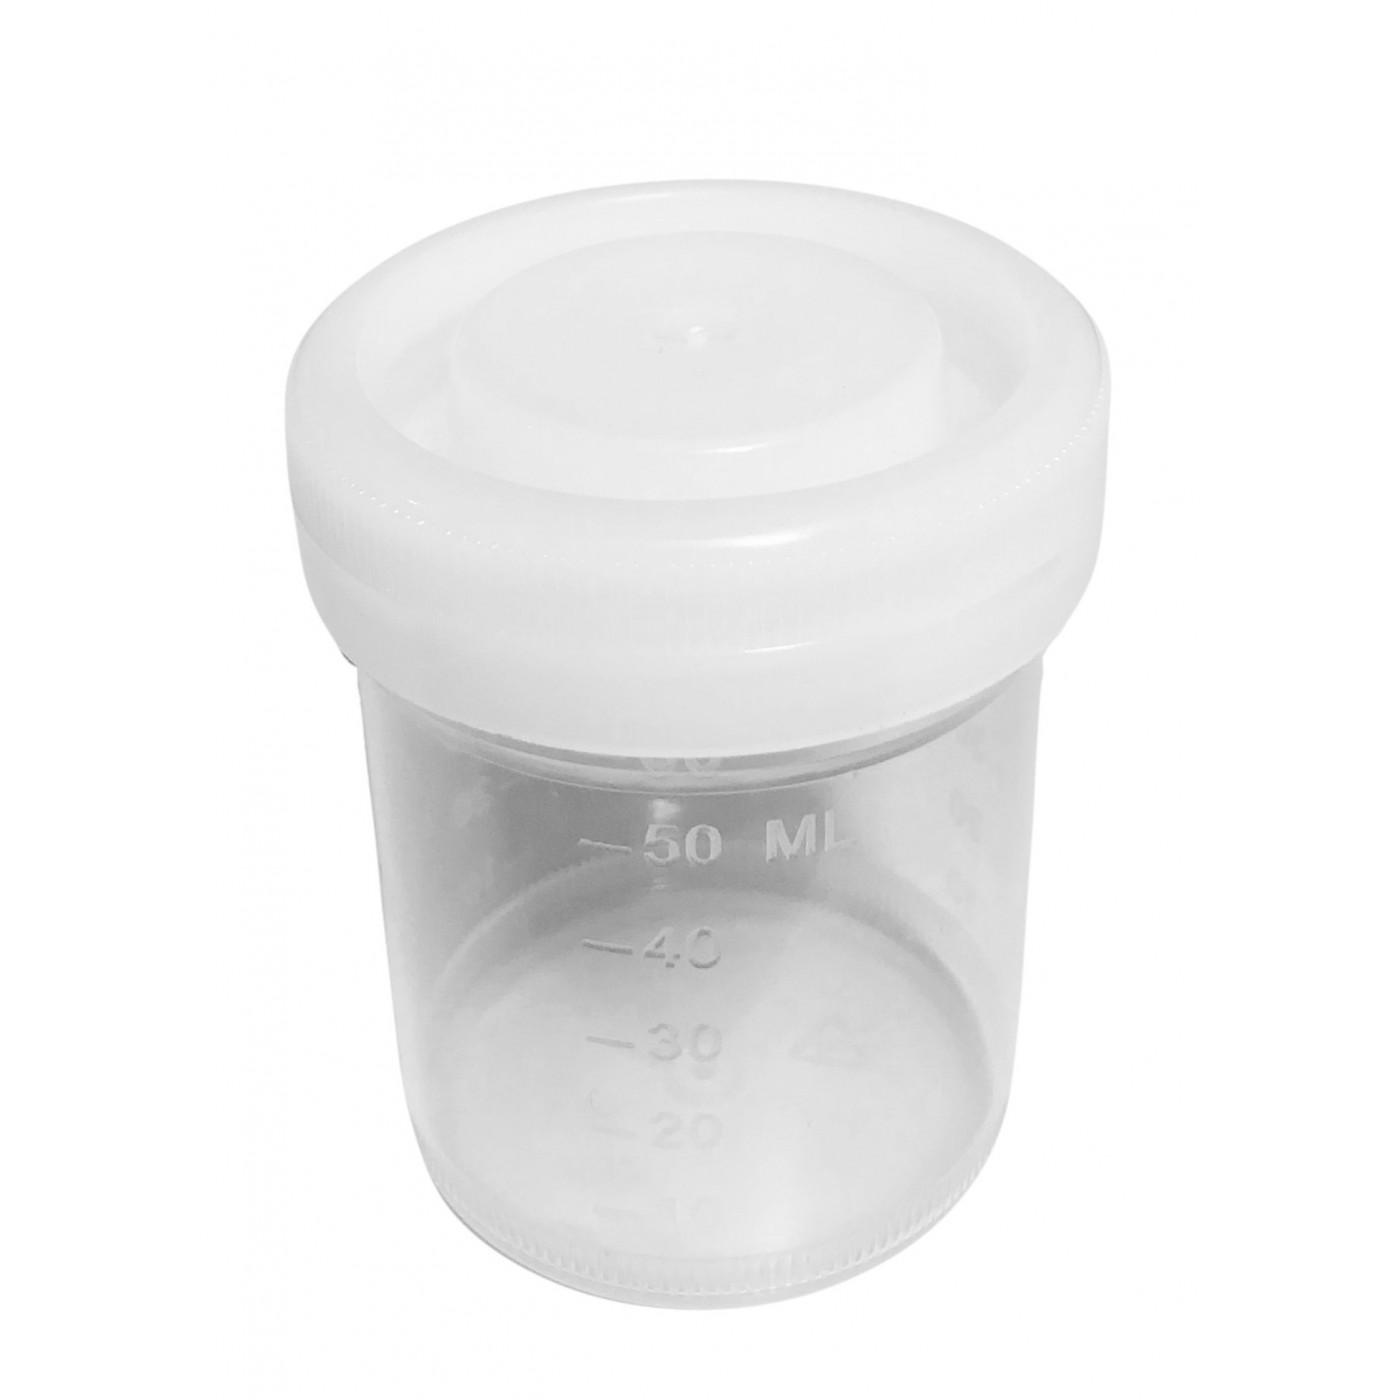 Set van 50 plastic potjes (60 ml) met witte schroefdoppen